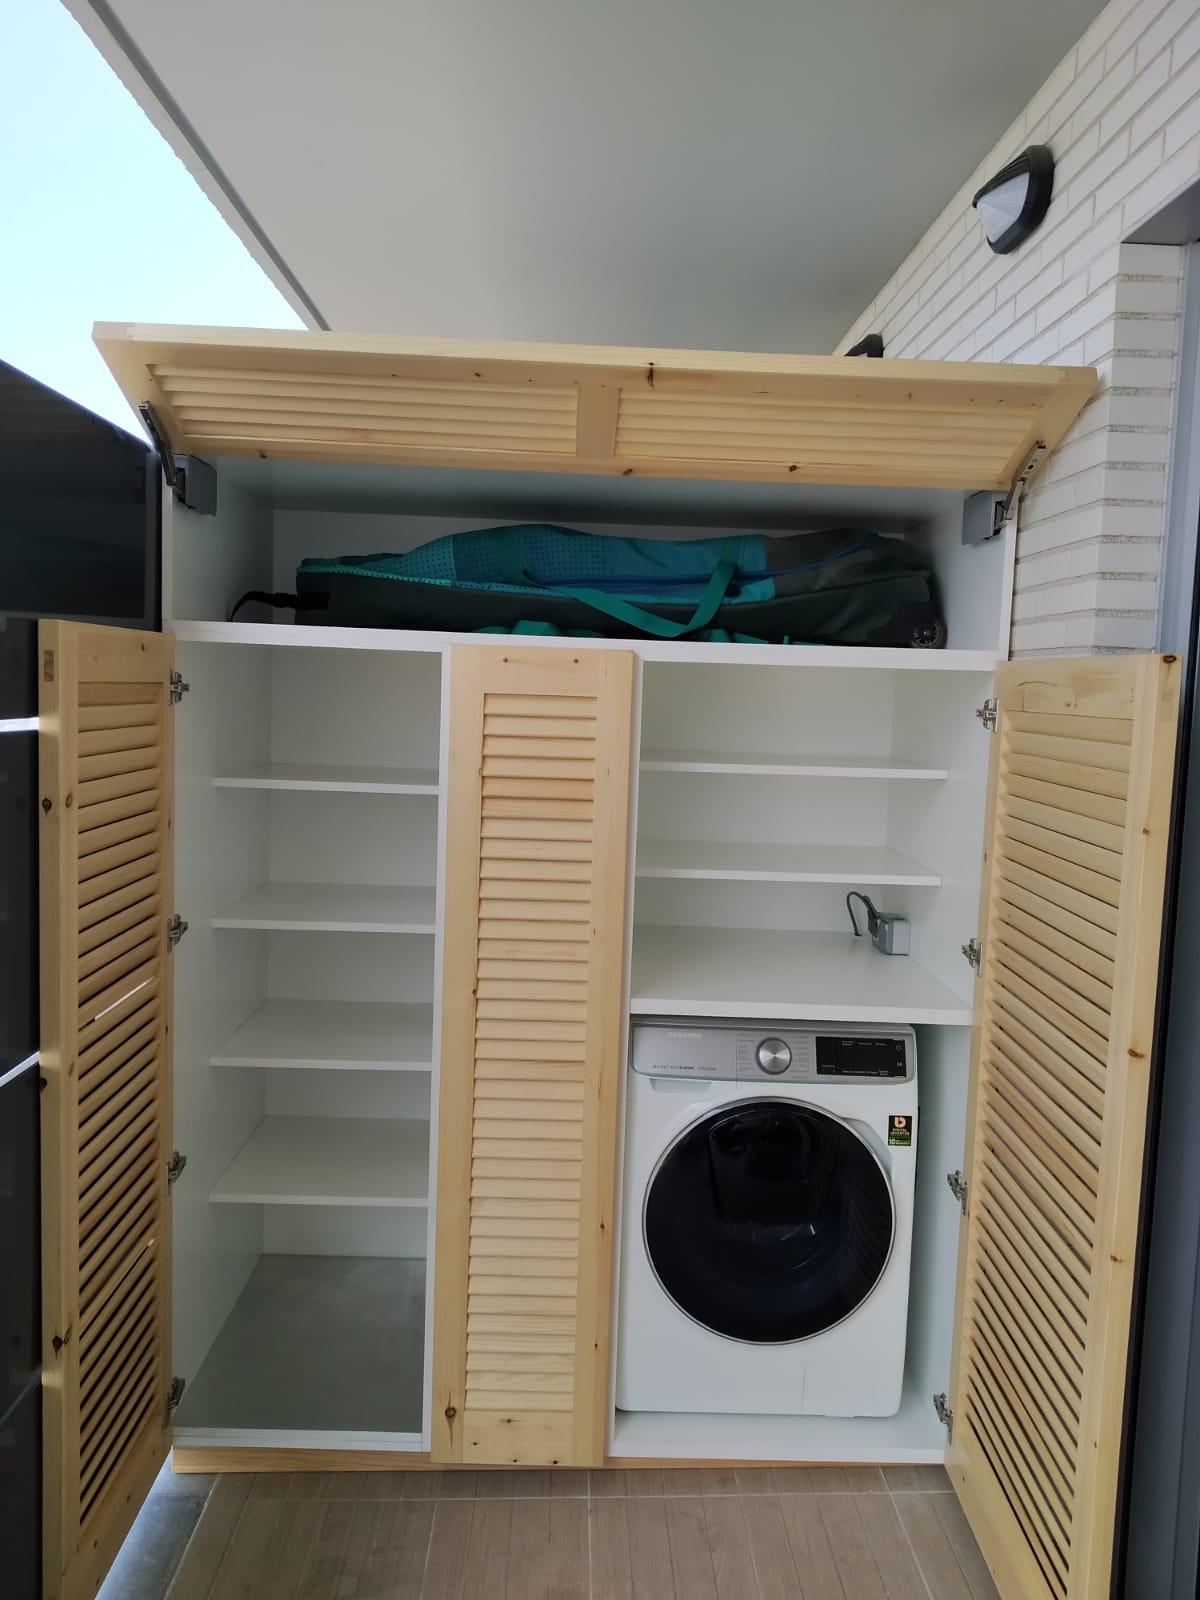 Mueble de lavadero a medida - Alpis, carpintería en madera